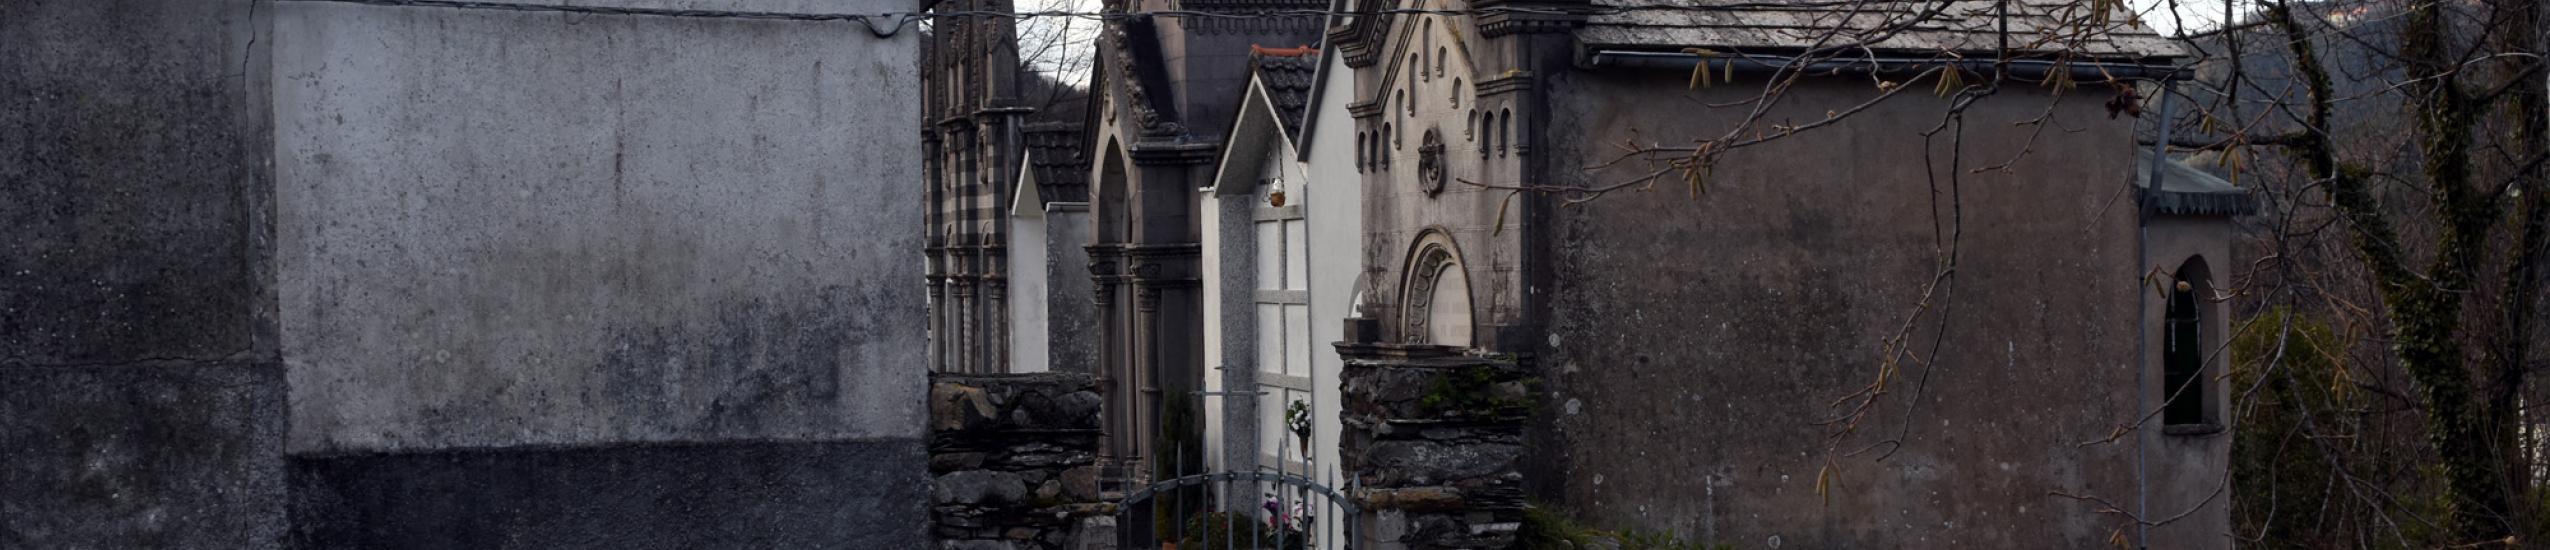 Cimitero di Caminata (0)